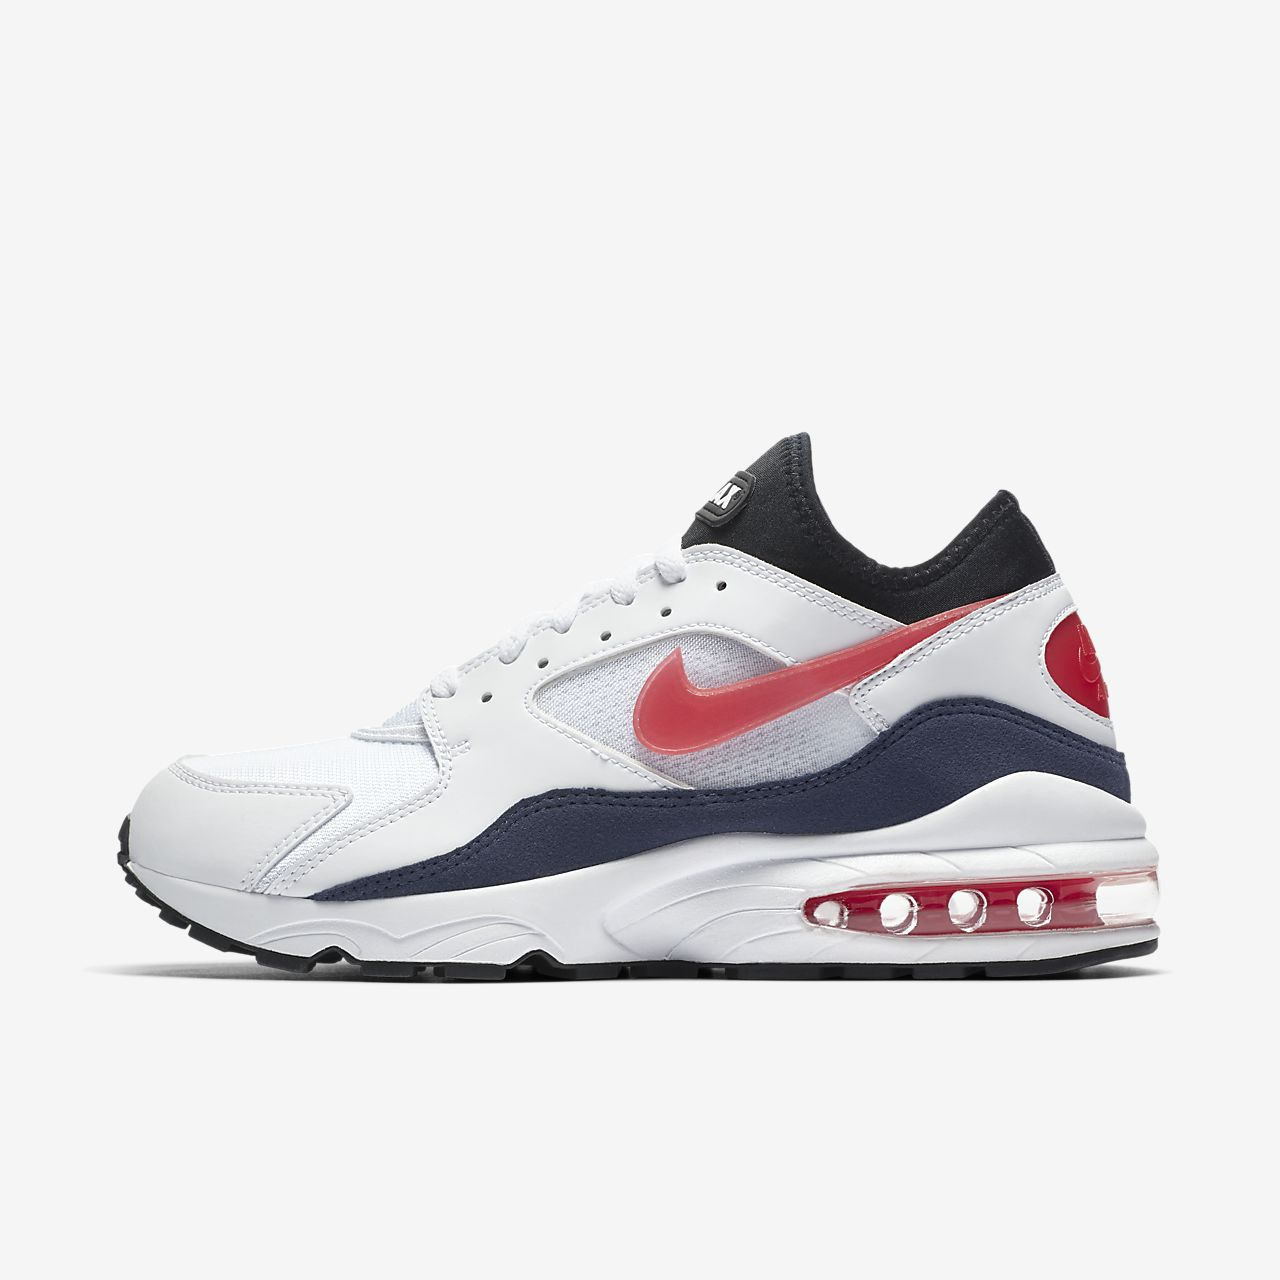 Chaussure Pour 93 Nike Qvzqcsw Homme Max Air fvfqUw